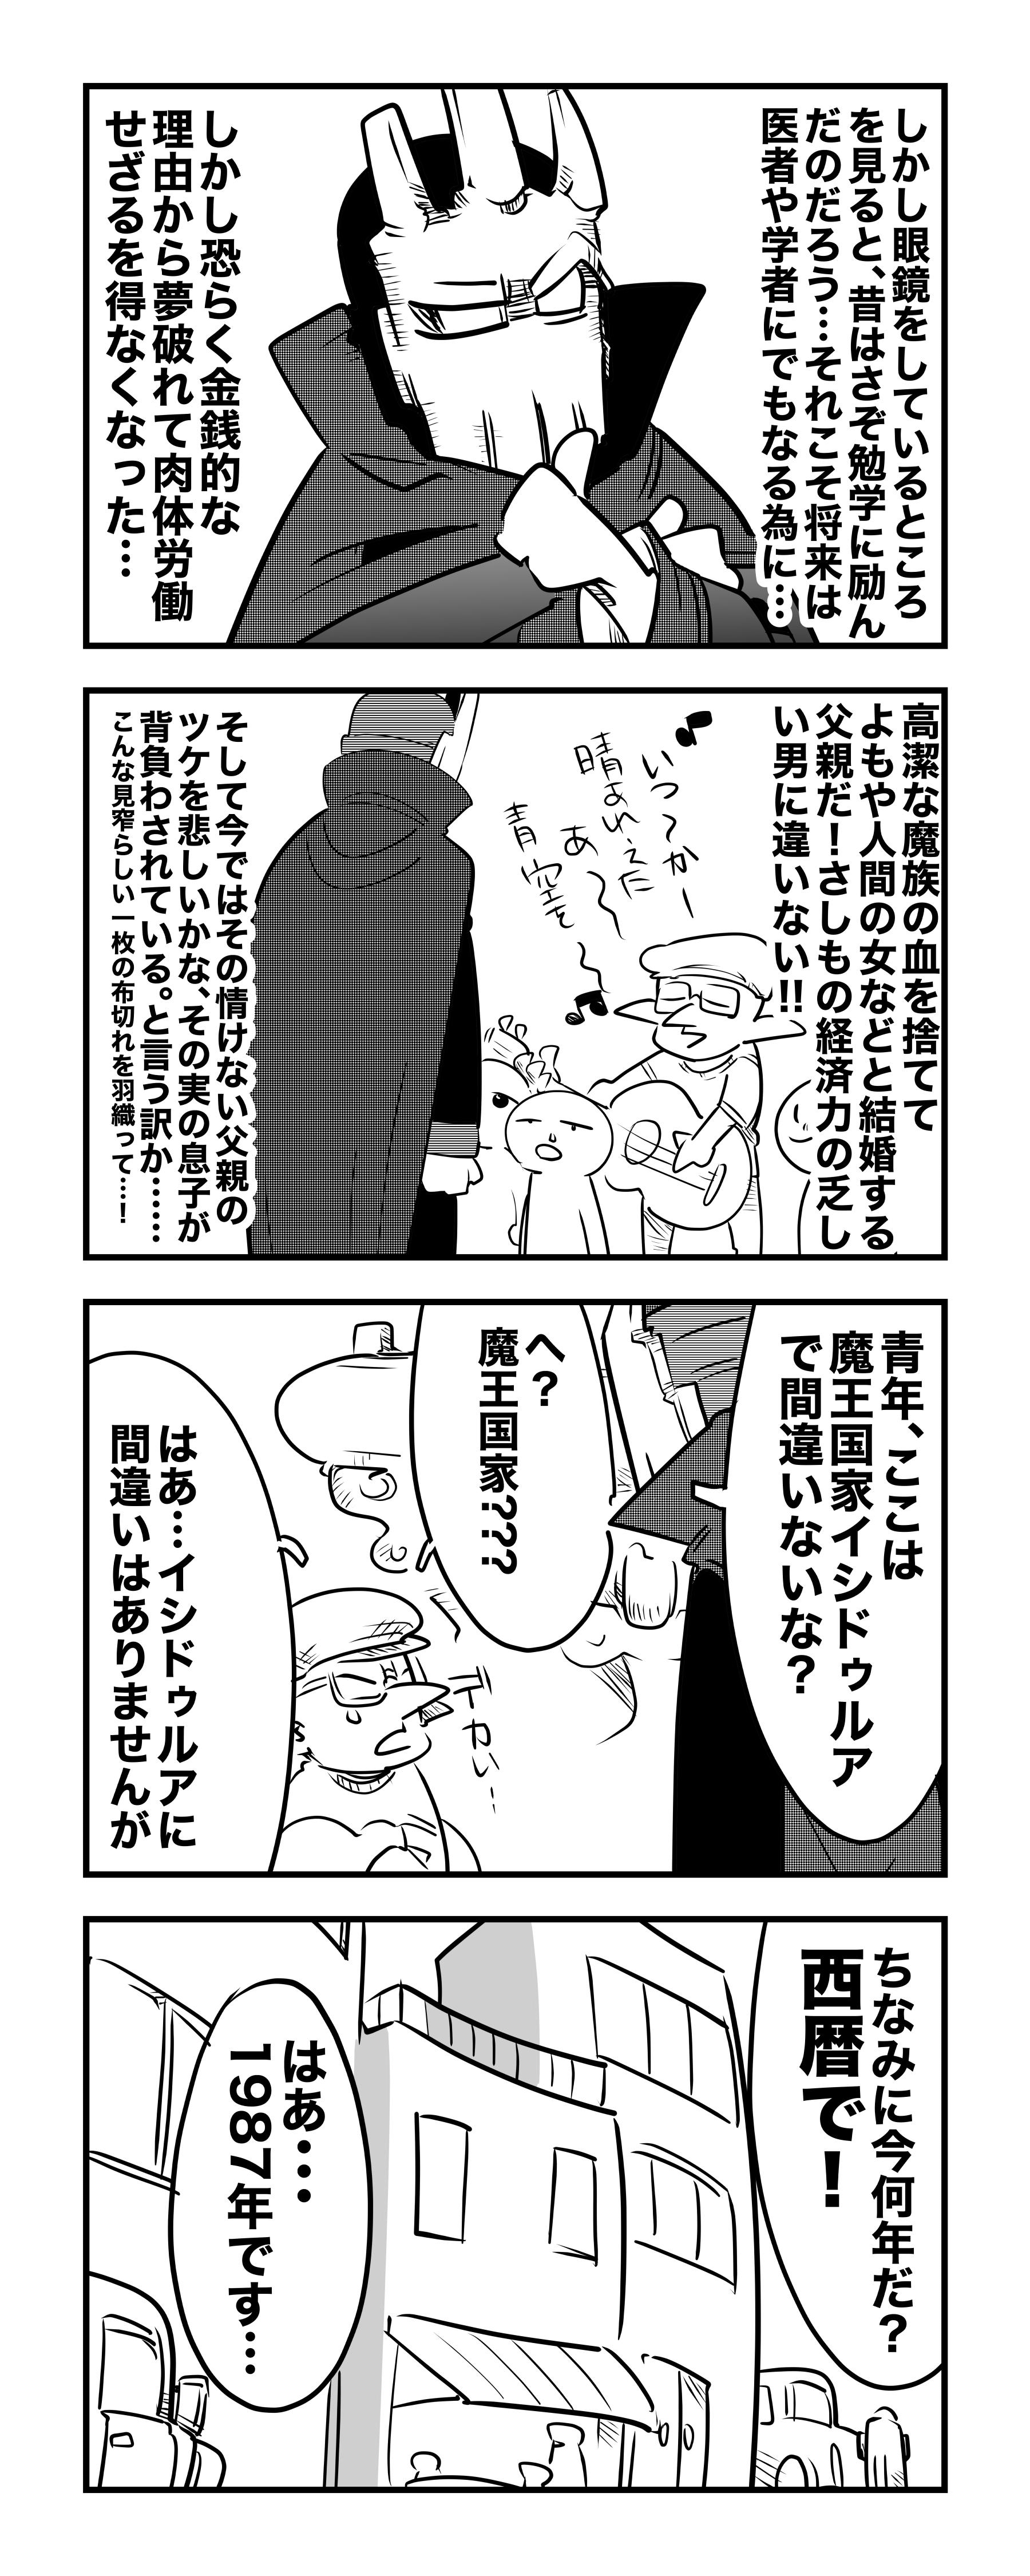 f:id:terashimaru117:20210508214013j:plain